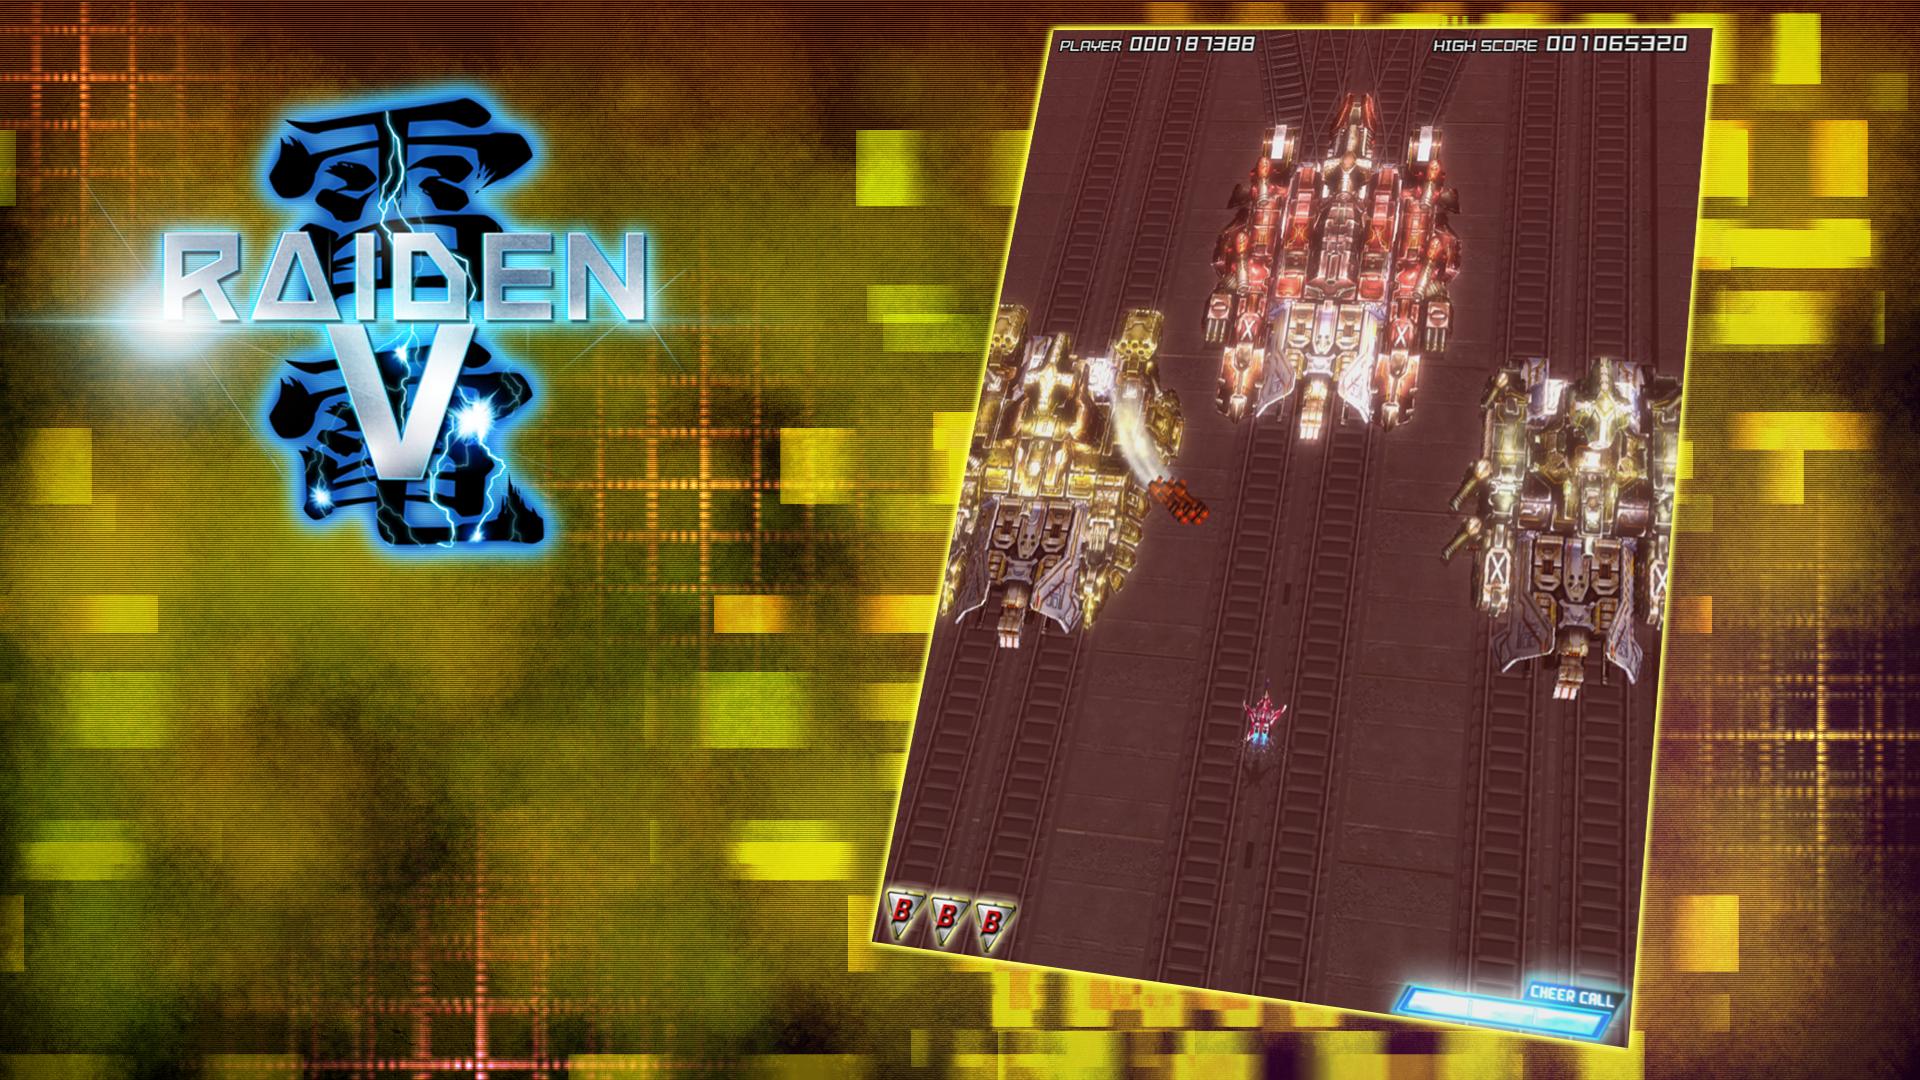 急降下爆撃 achievement for Raiden V on Xbox One